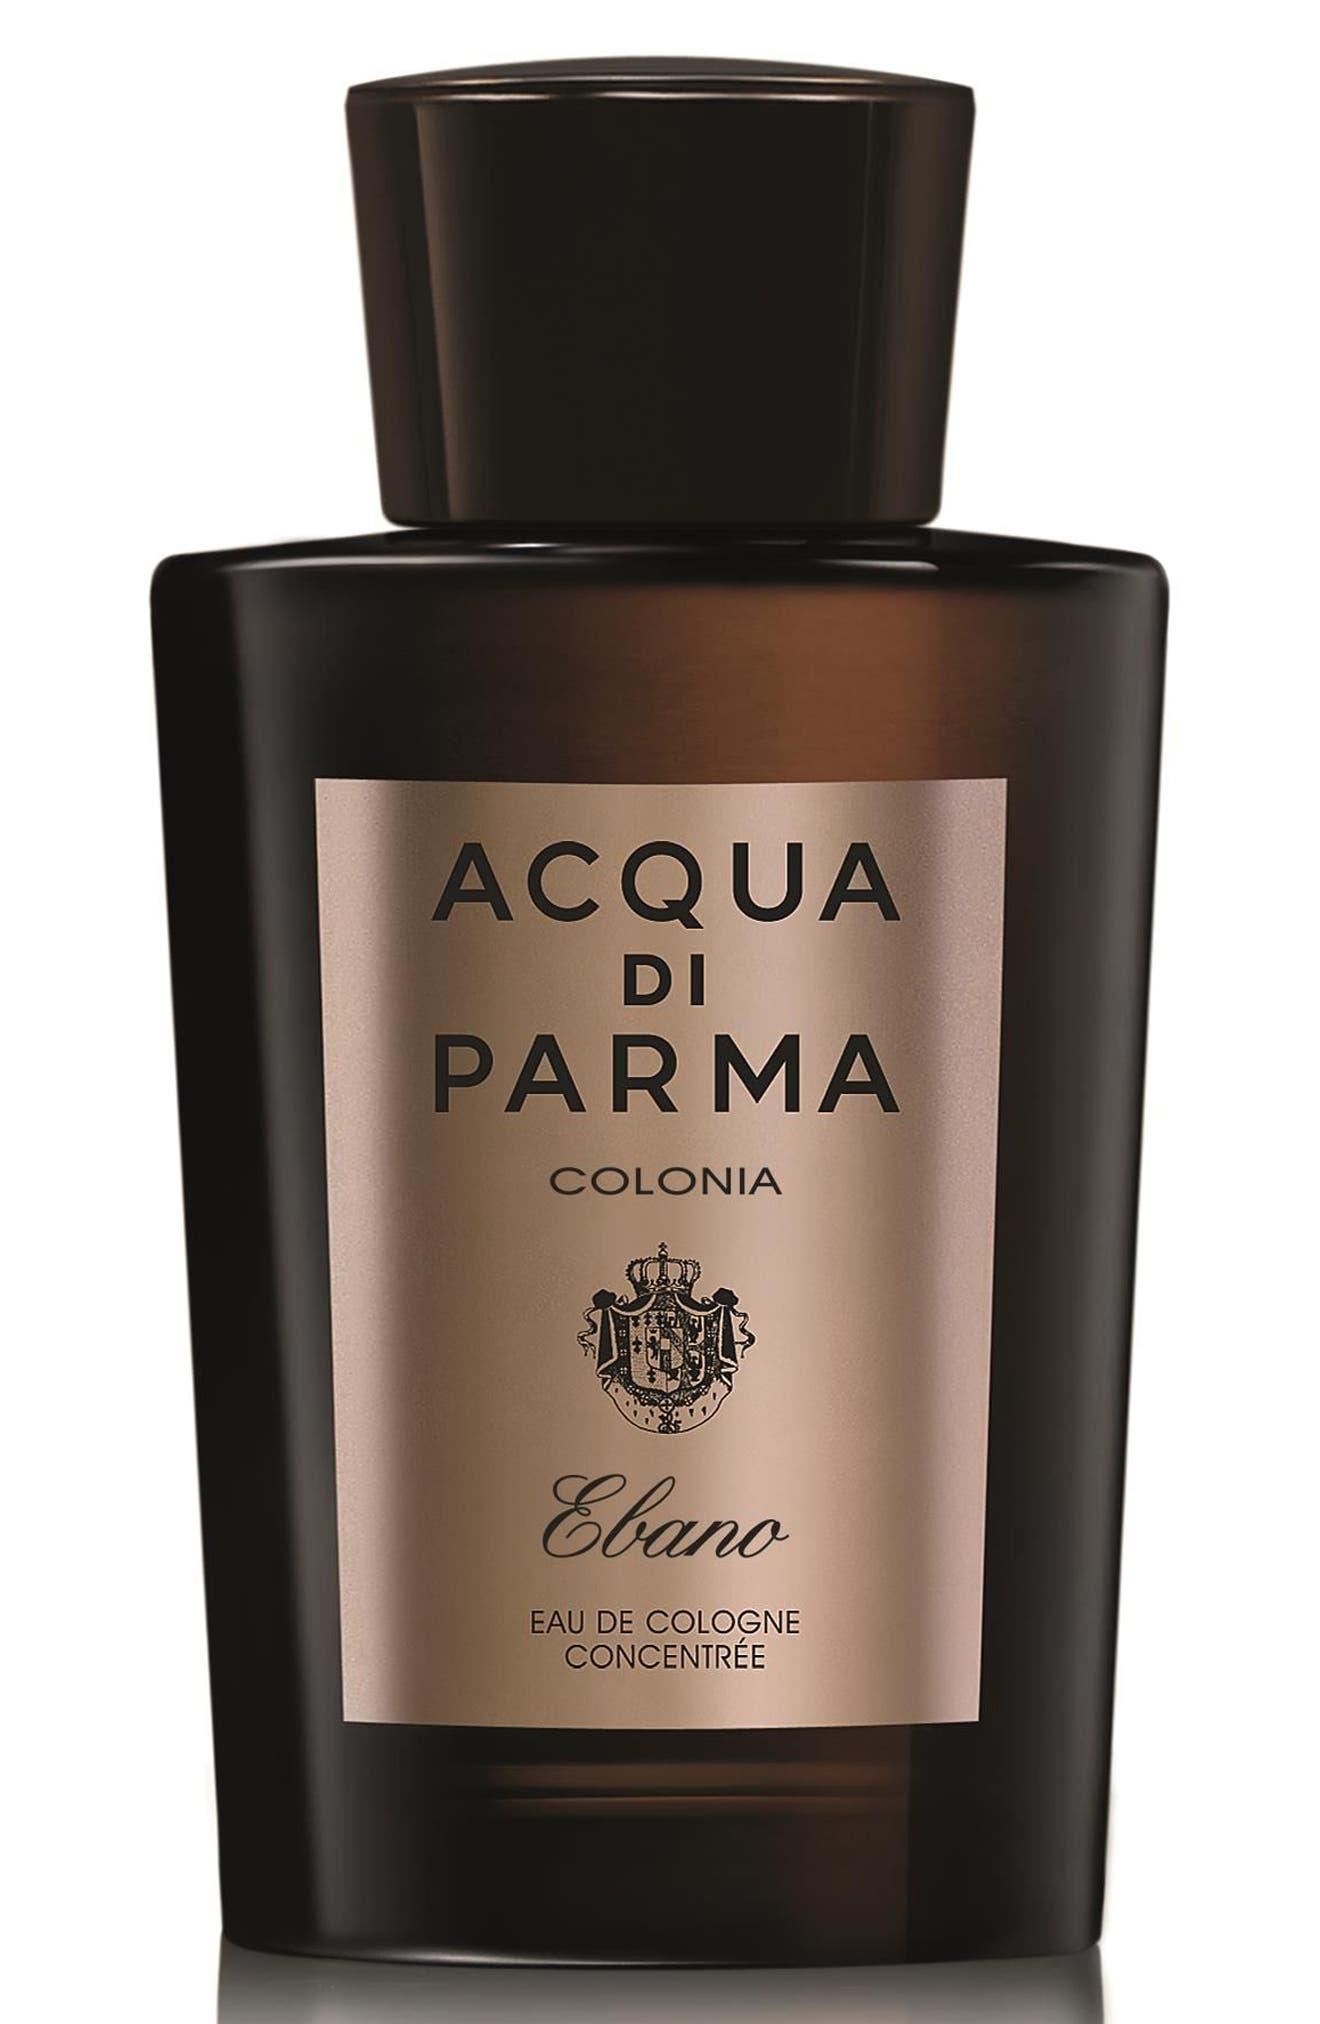 Acqua di Parma Colonia Ebano Eau de Cologne Concentrée